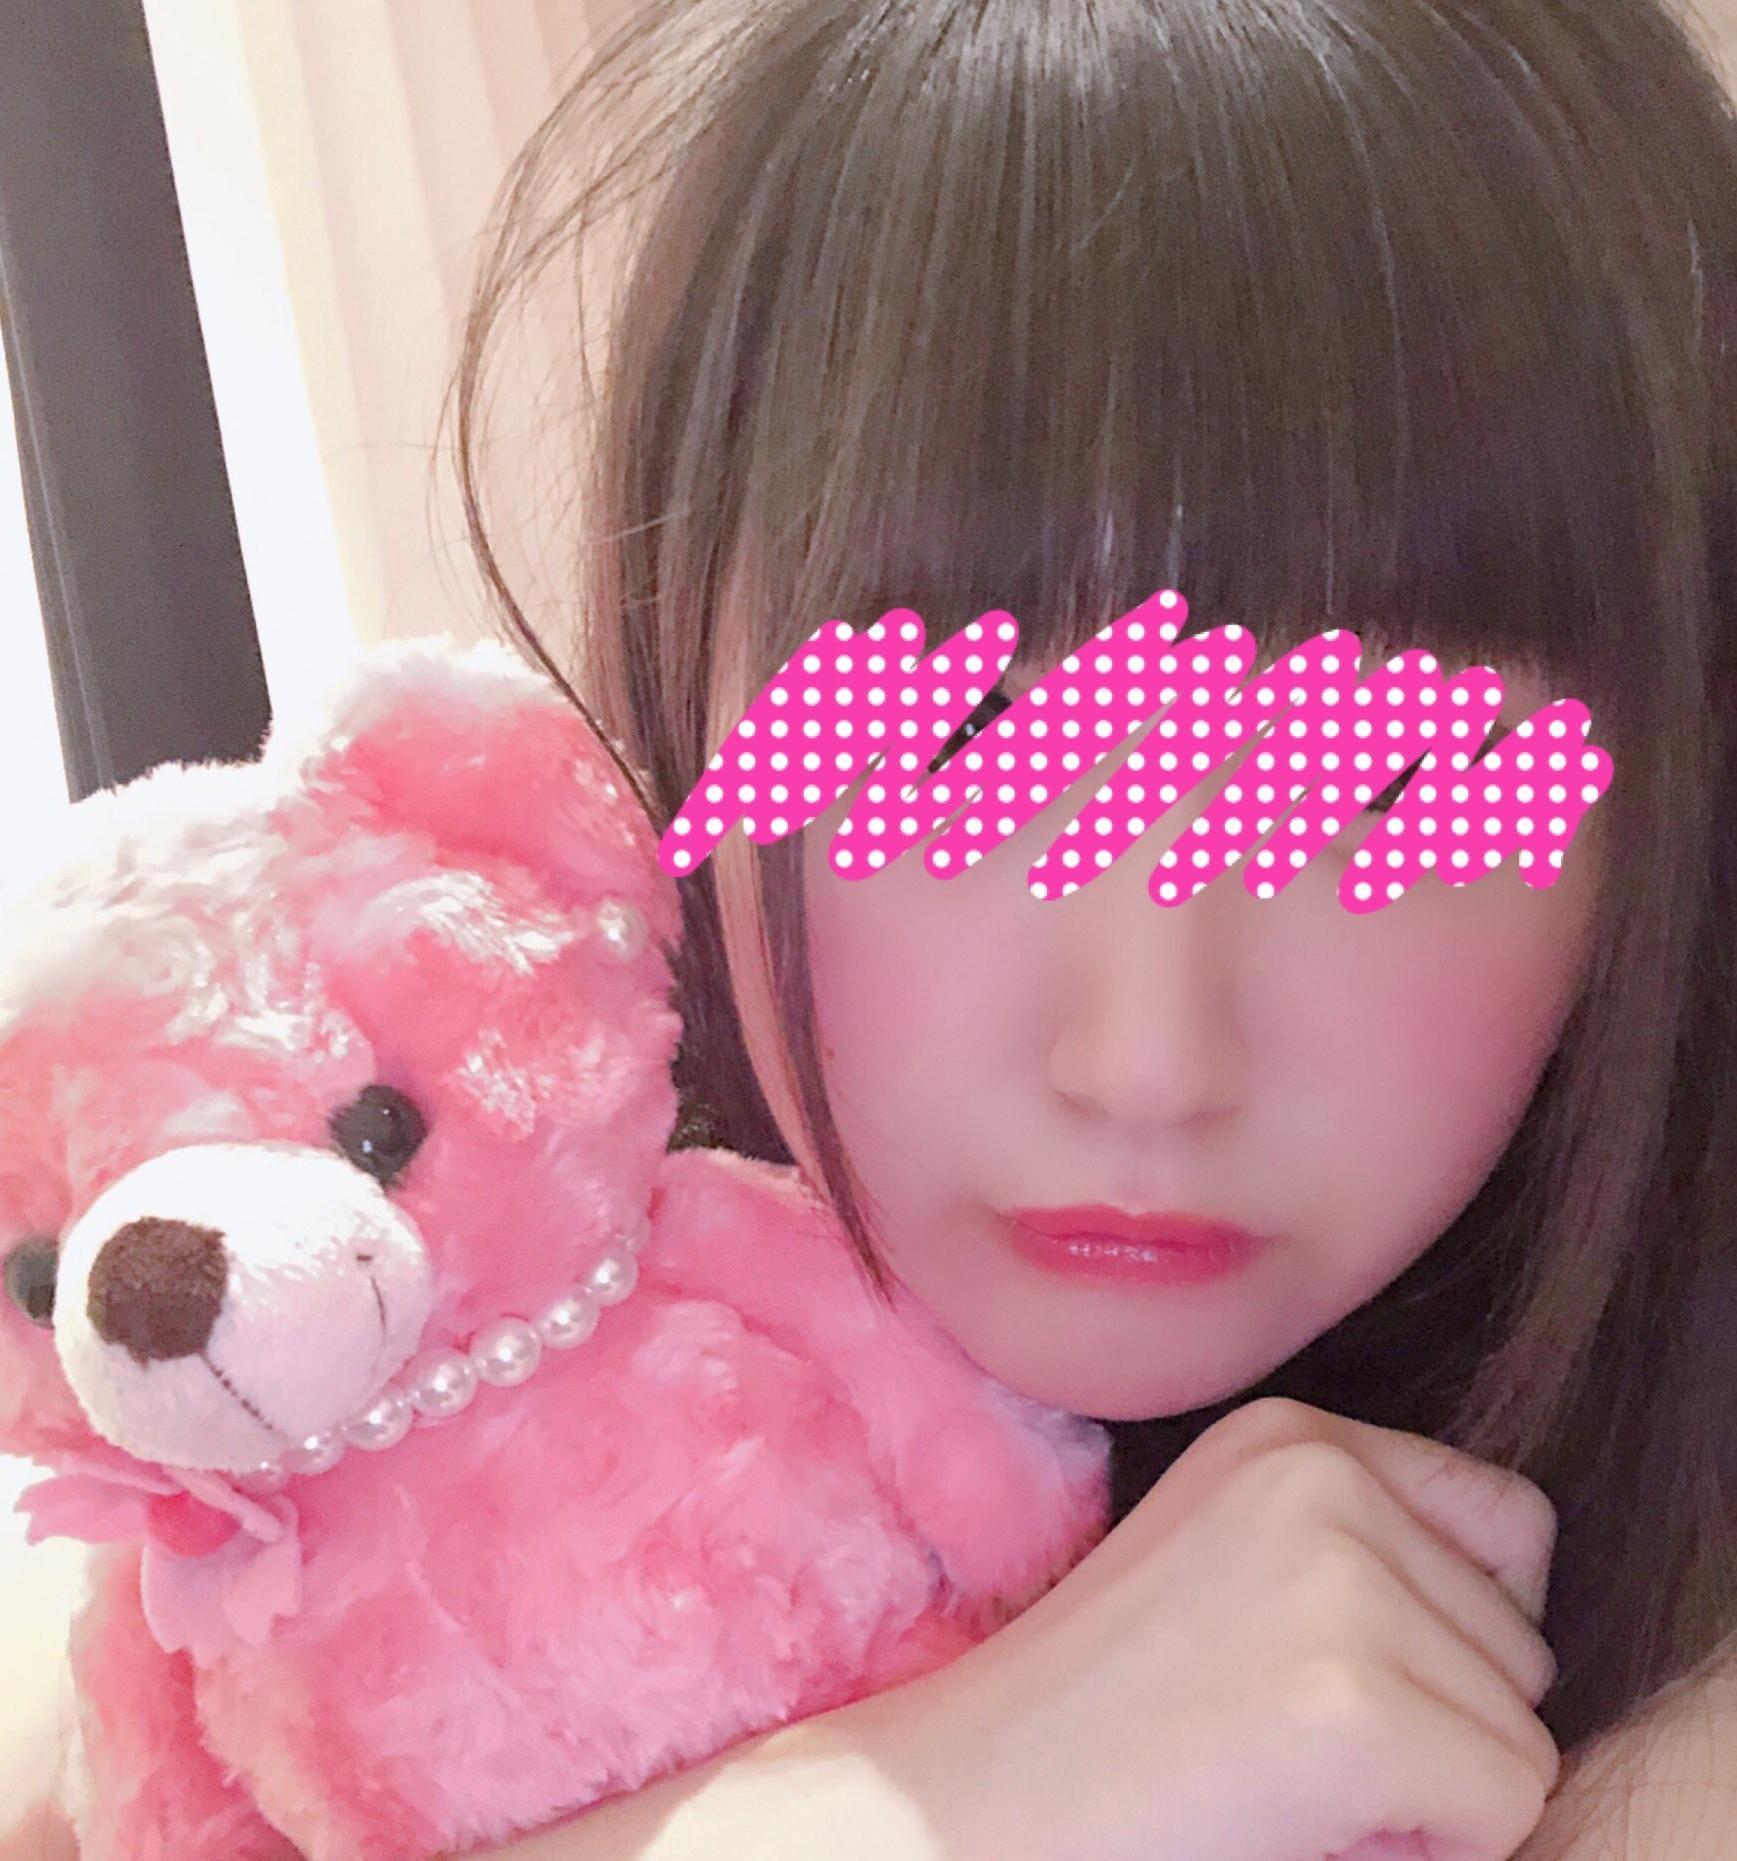 「お礼ちゃん そのさん」08/20(月) 09:37 | ことみの写メ・風俗動画